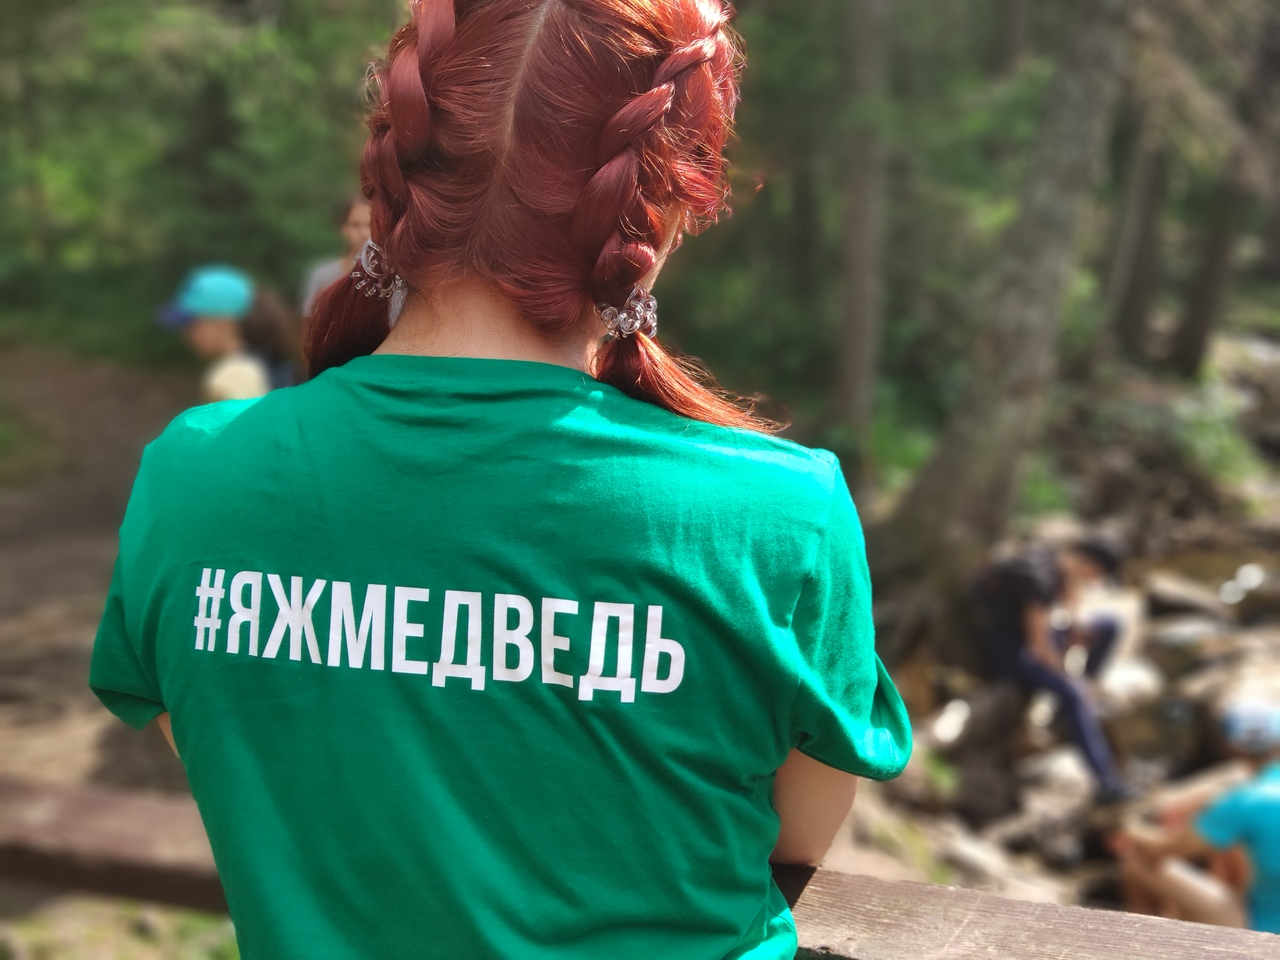 Афиша Казань ТОЧКА сезона ЯЖМедведь 21-22.09